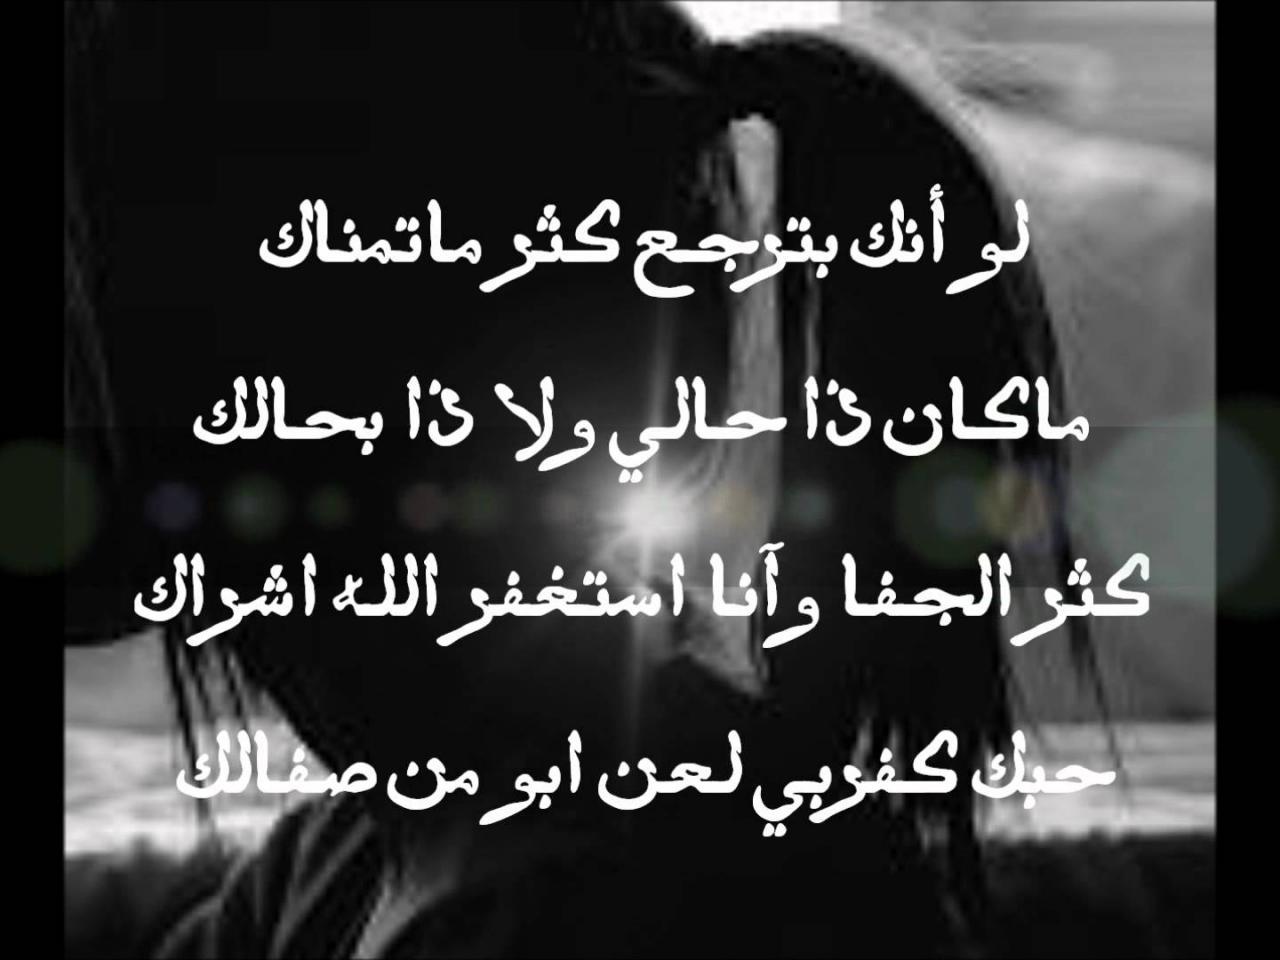 صورة قصائد حب حزينة , عبر عن حبك الحزين